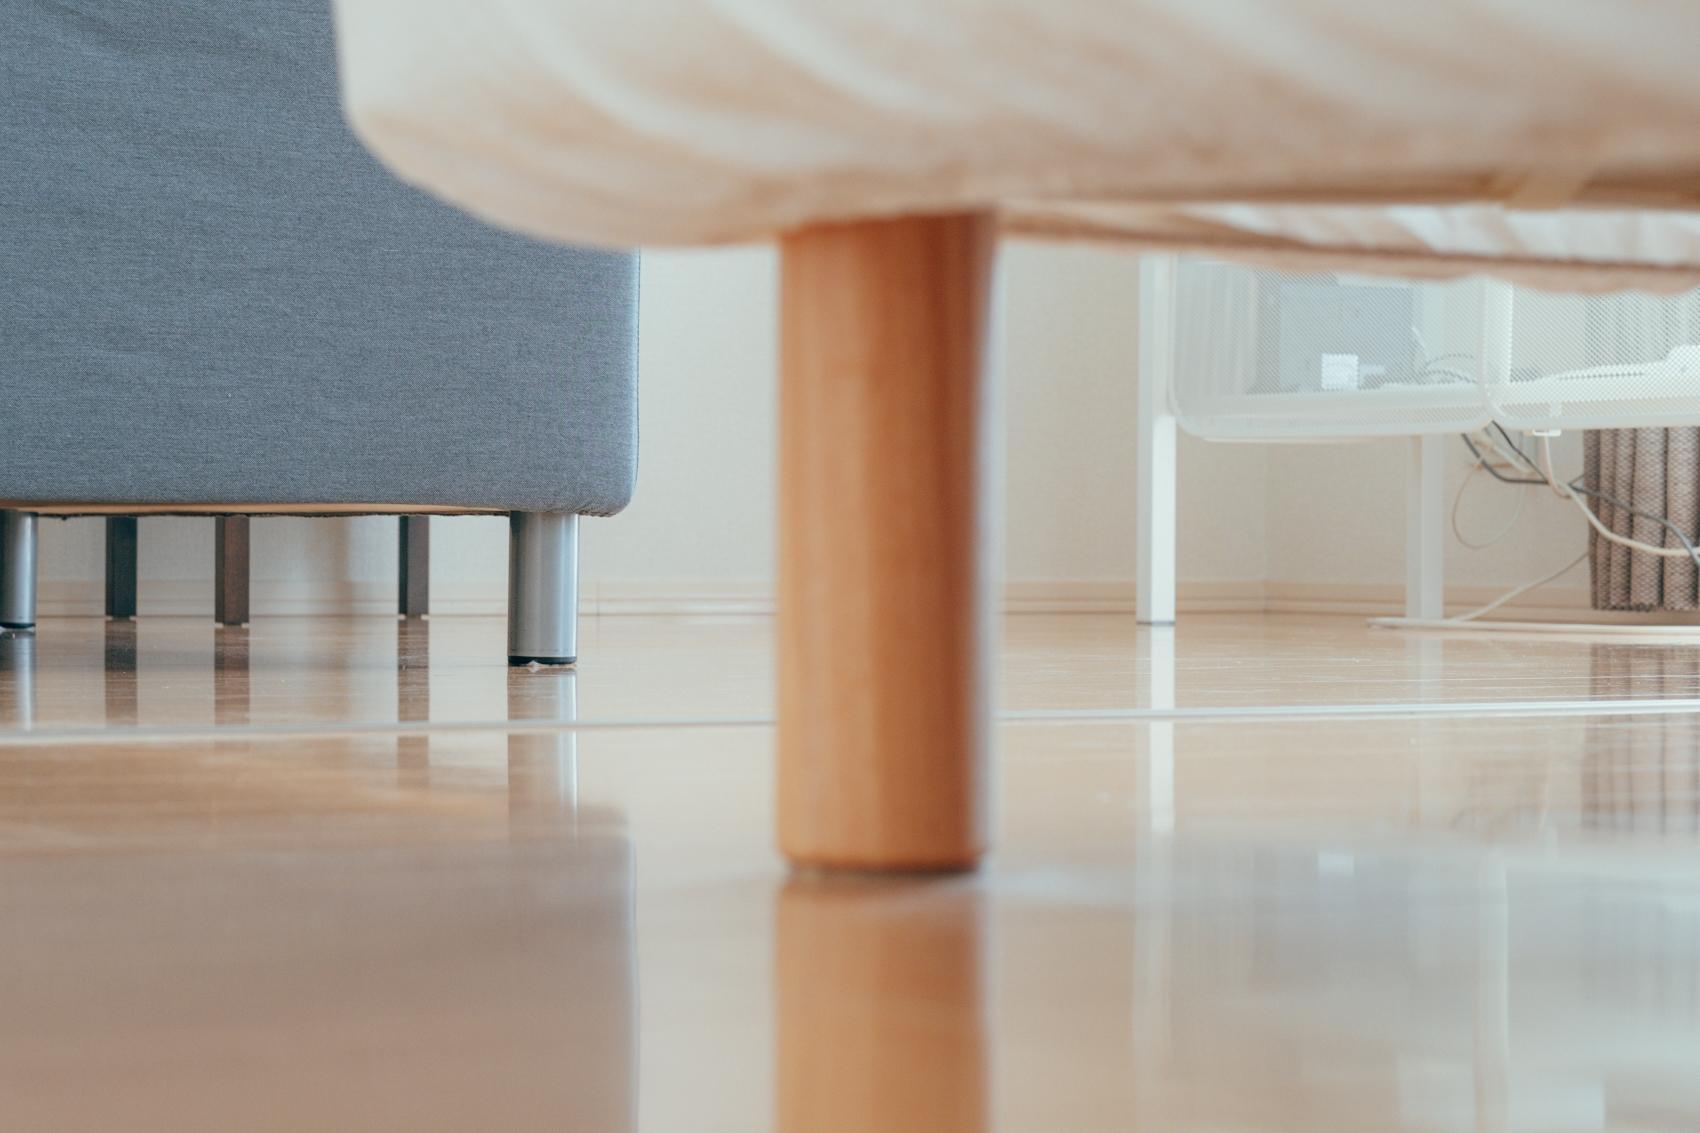 家具も、掃除しやすいように脚のある高い家具を選ばれているというsuzukiakaneさん。こうした習慣は初めからではなかったそう。 「元々は物が捨てられない性格で、実家の部屋は散らかっていました。一人暮らしや同棲をするタイミングで思い切って使わないものは処分。部屋がスッキリしたことで掃除もしやすく、掃除が習慣になりました。」